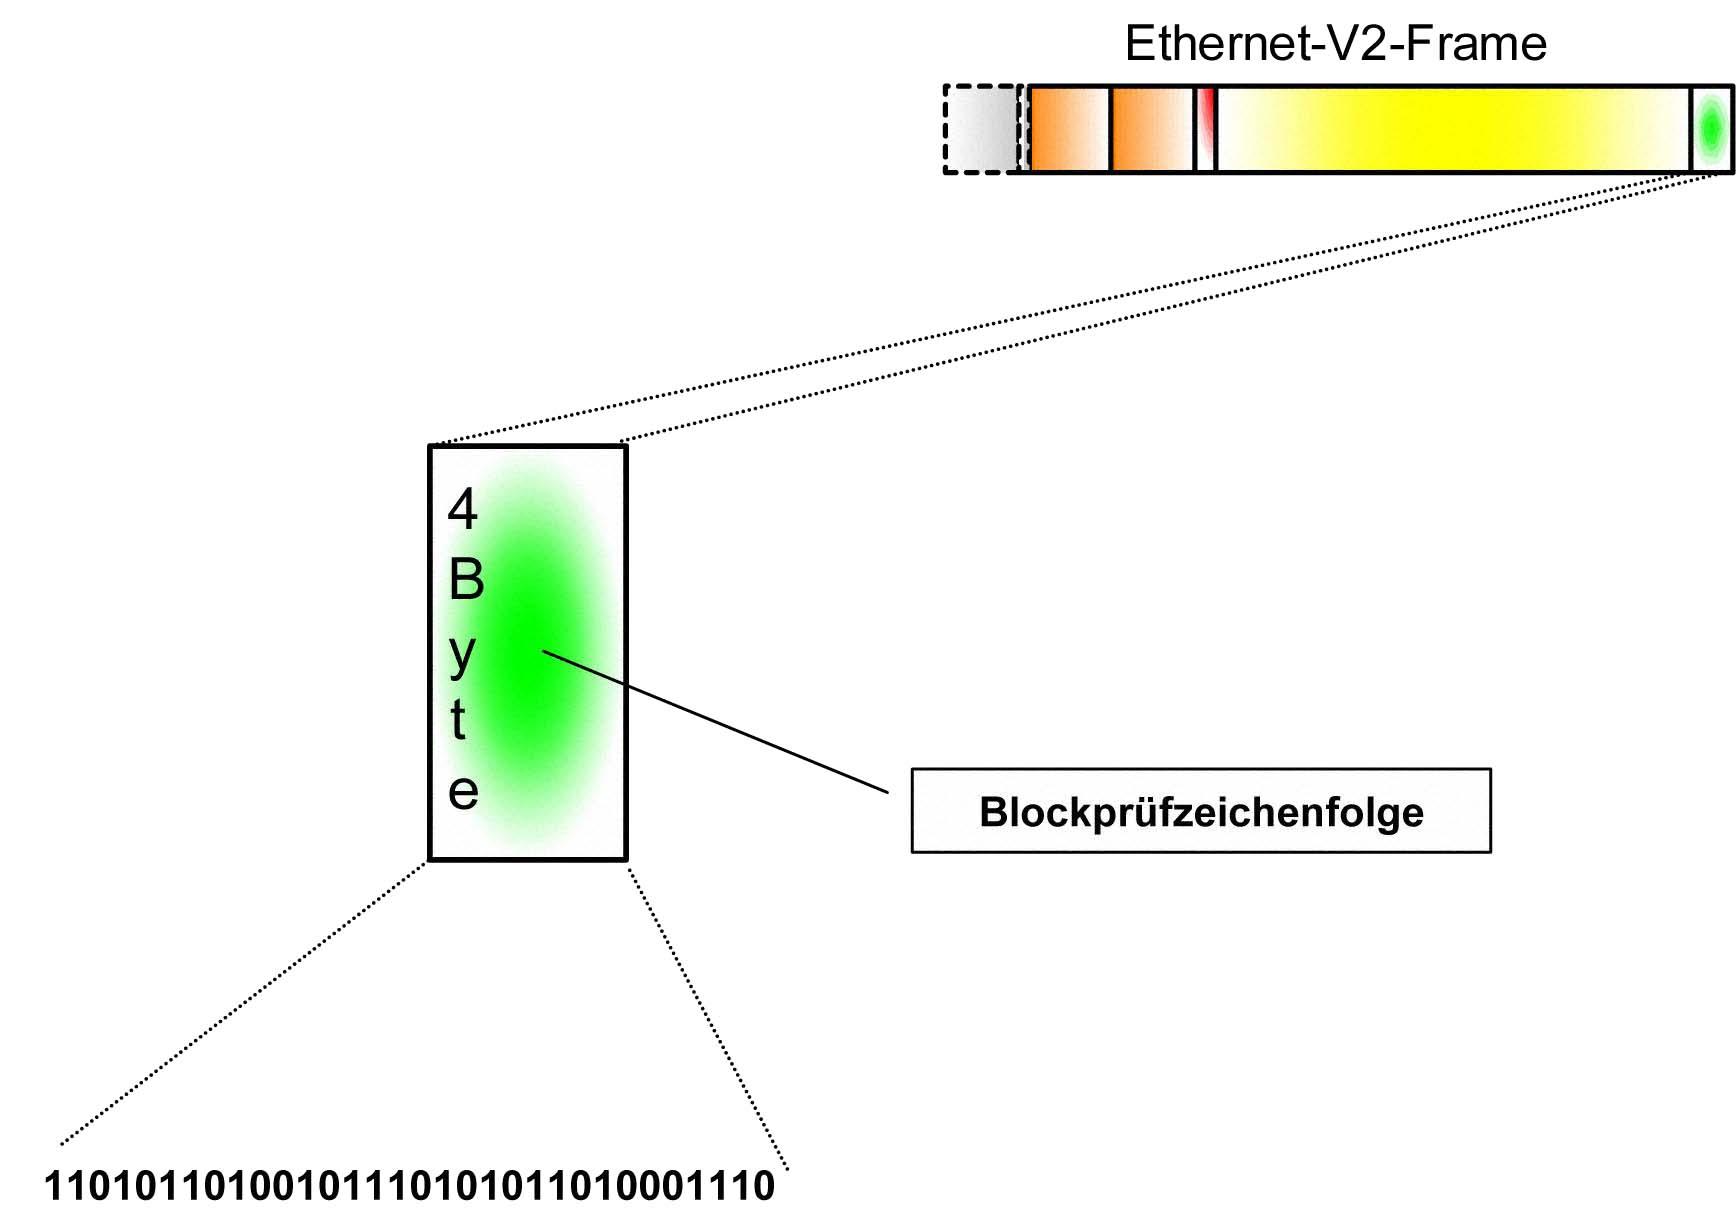 1.2.35. Blockprüfzeichenfolge (Frame Check Sequence)